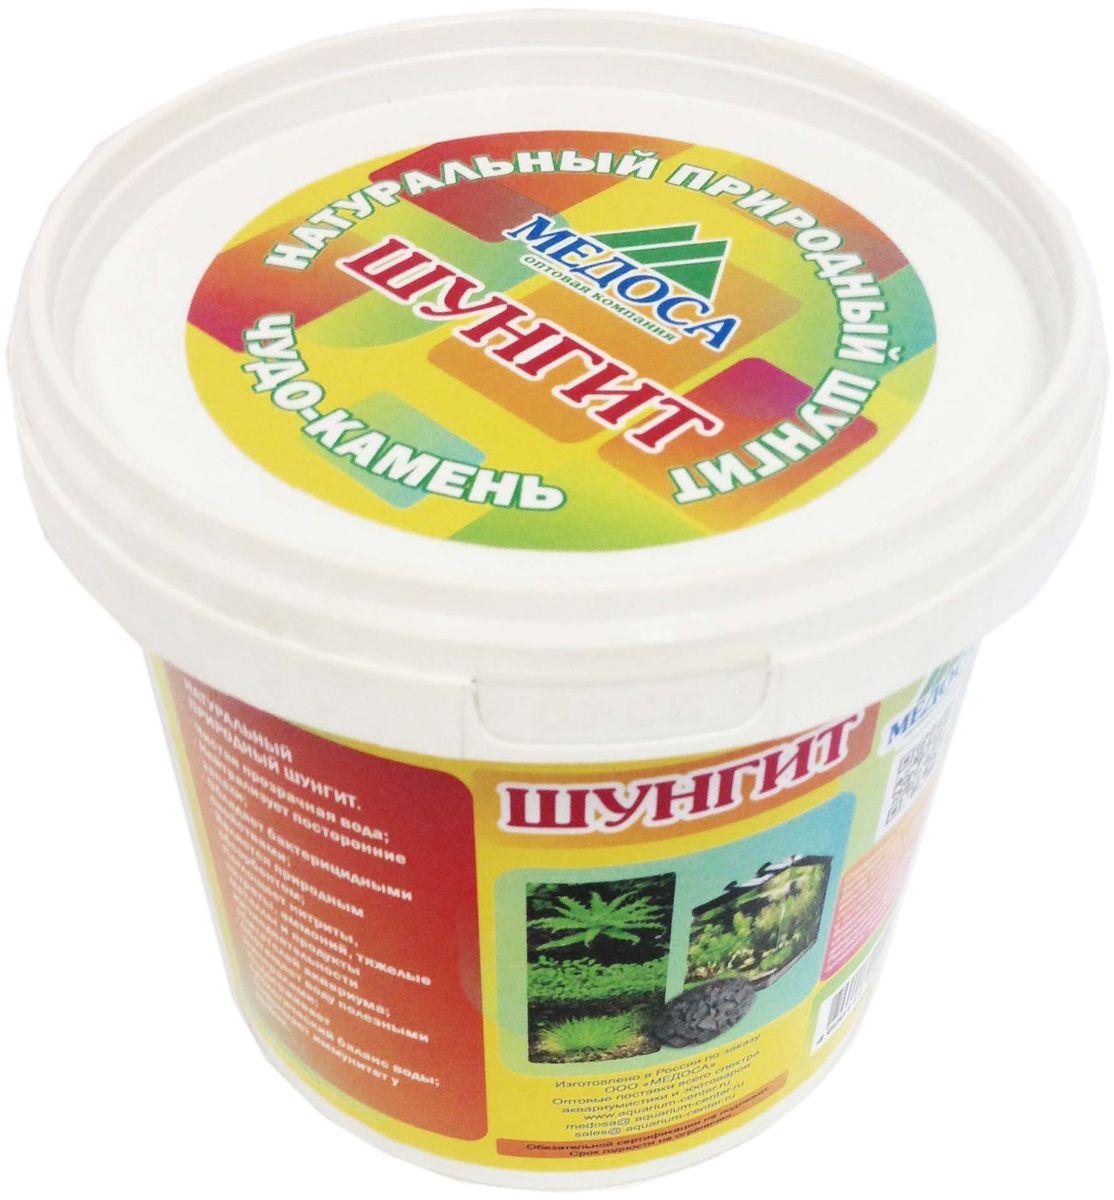 Грунт для аквариума Медоса, шунгит природный, 1,3 кг грунт песок кварцевый для аквариума